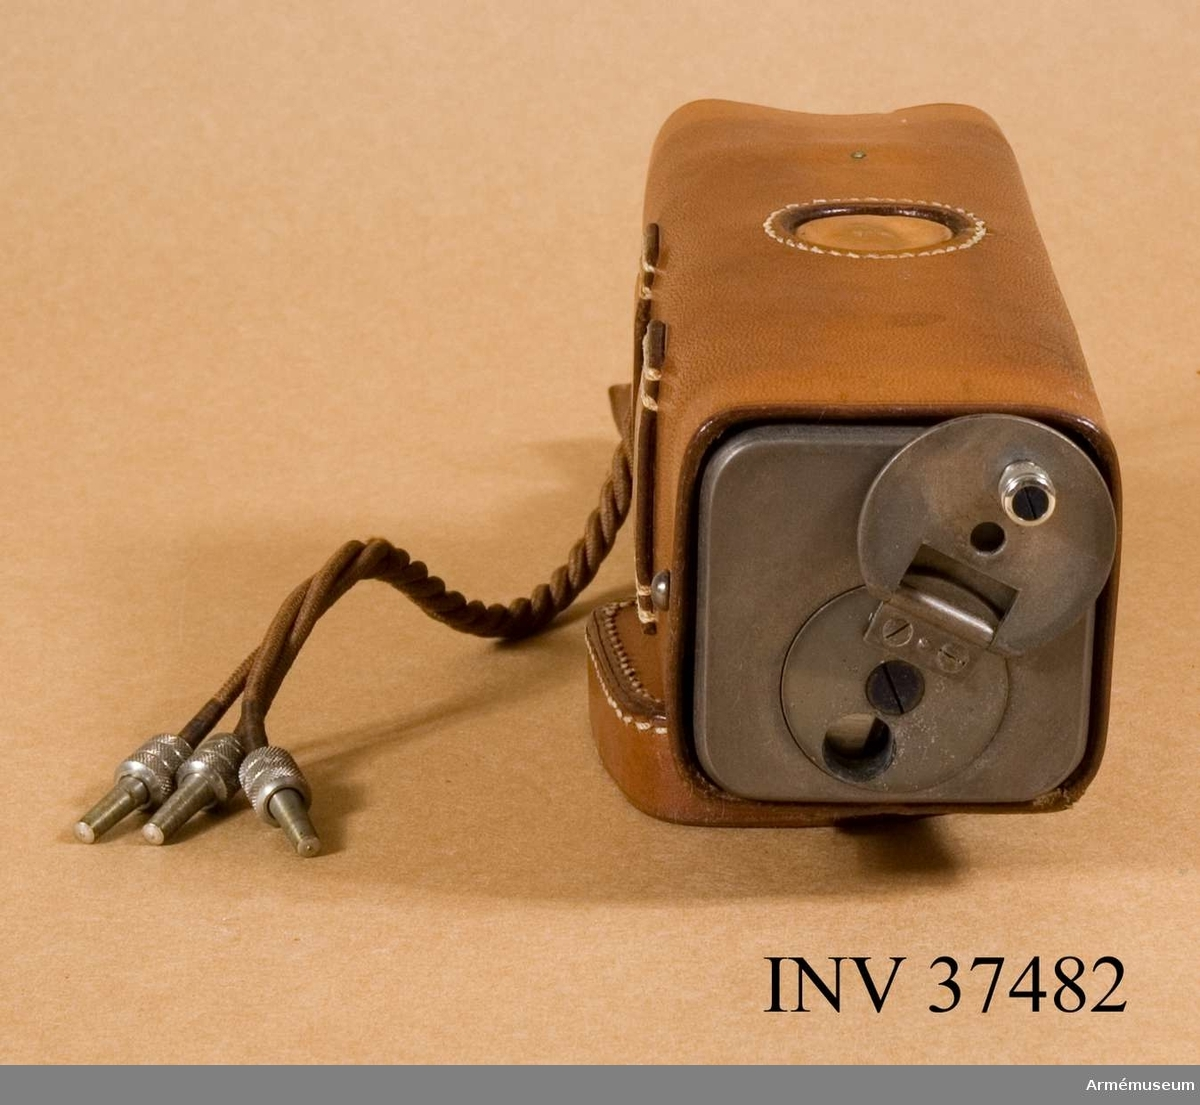 Samhörande nr 37482-3, induktor, väska. Grupp H I.